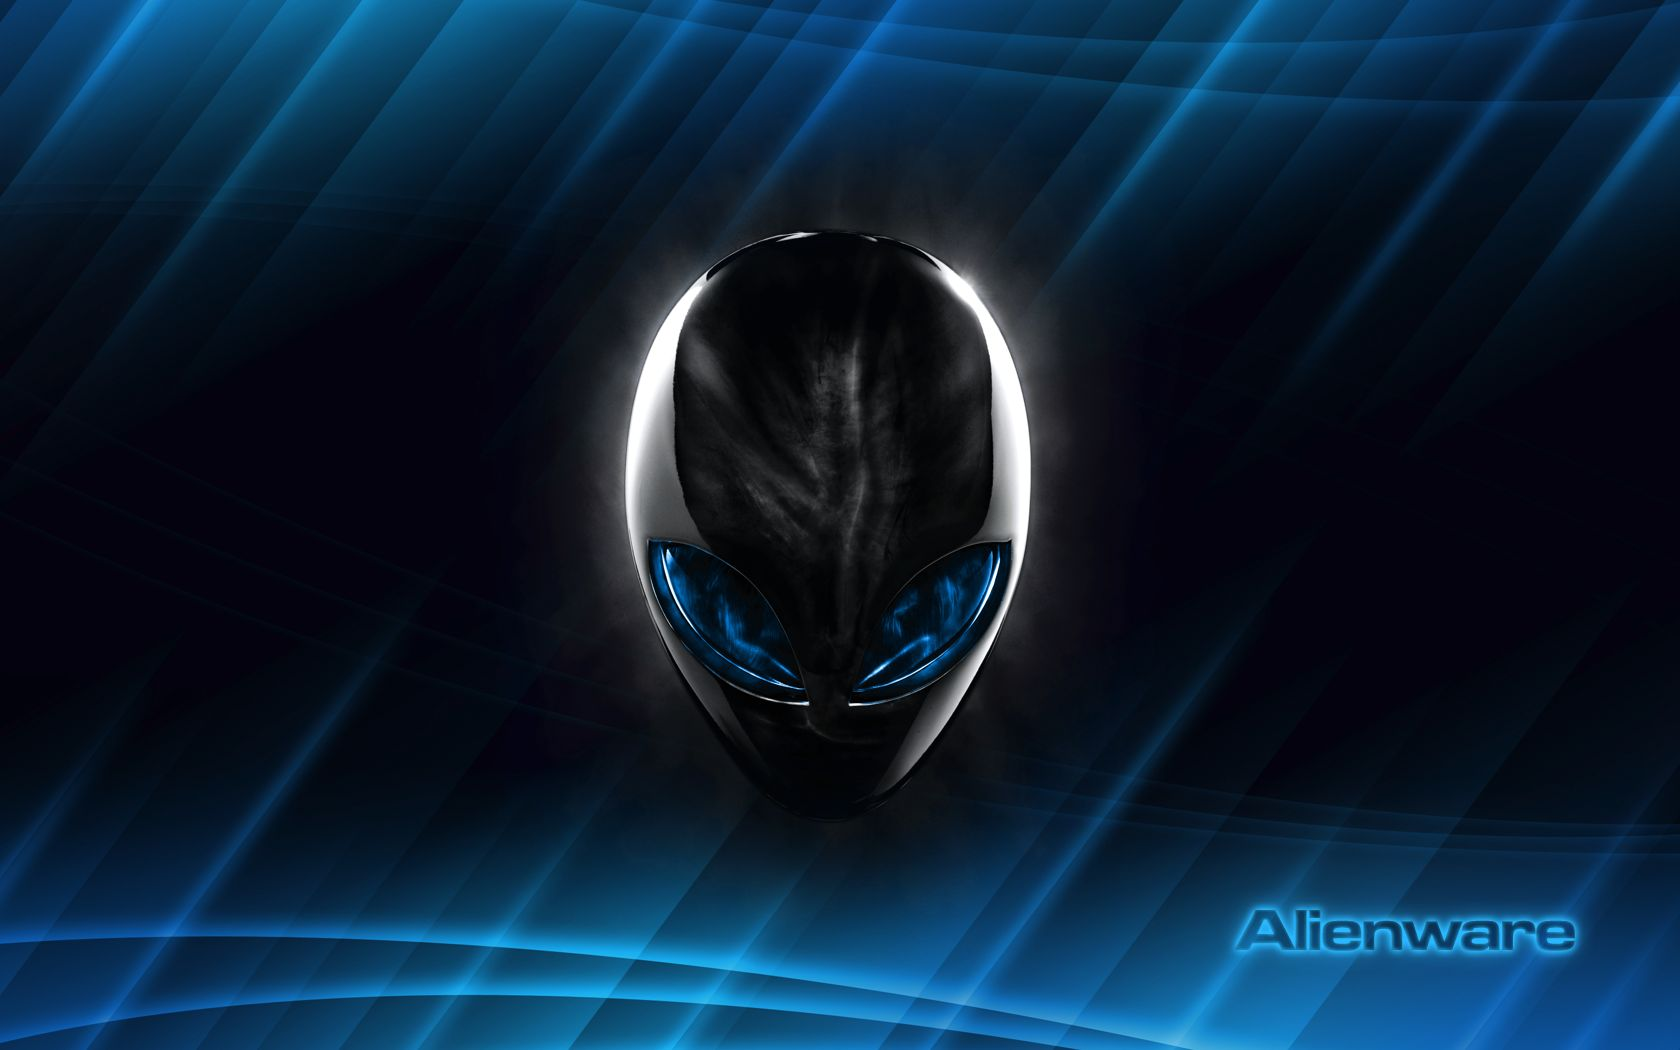 求黑头蓝眼睛壁纸_戴尔外星人论坛